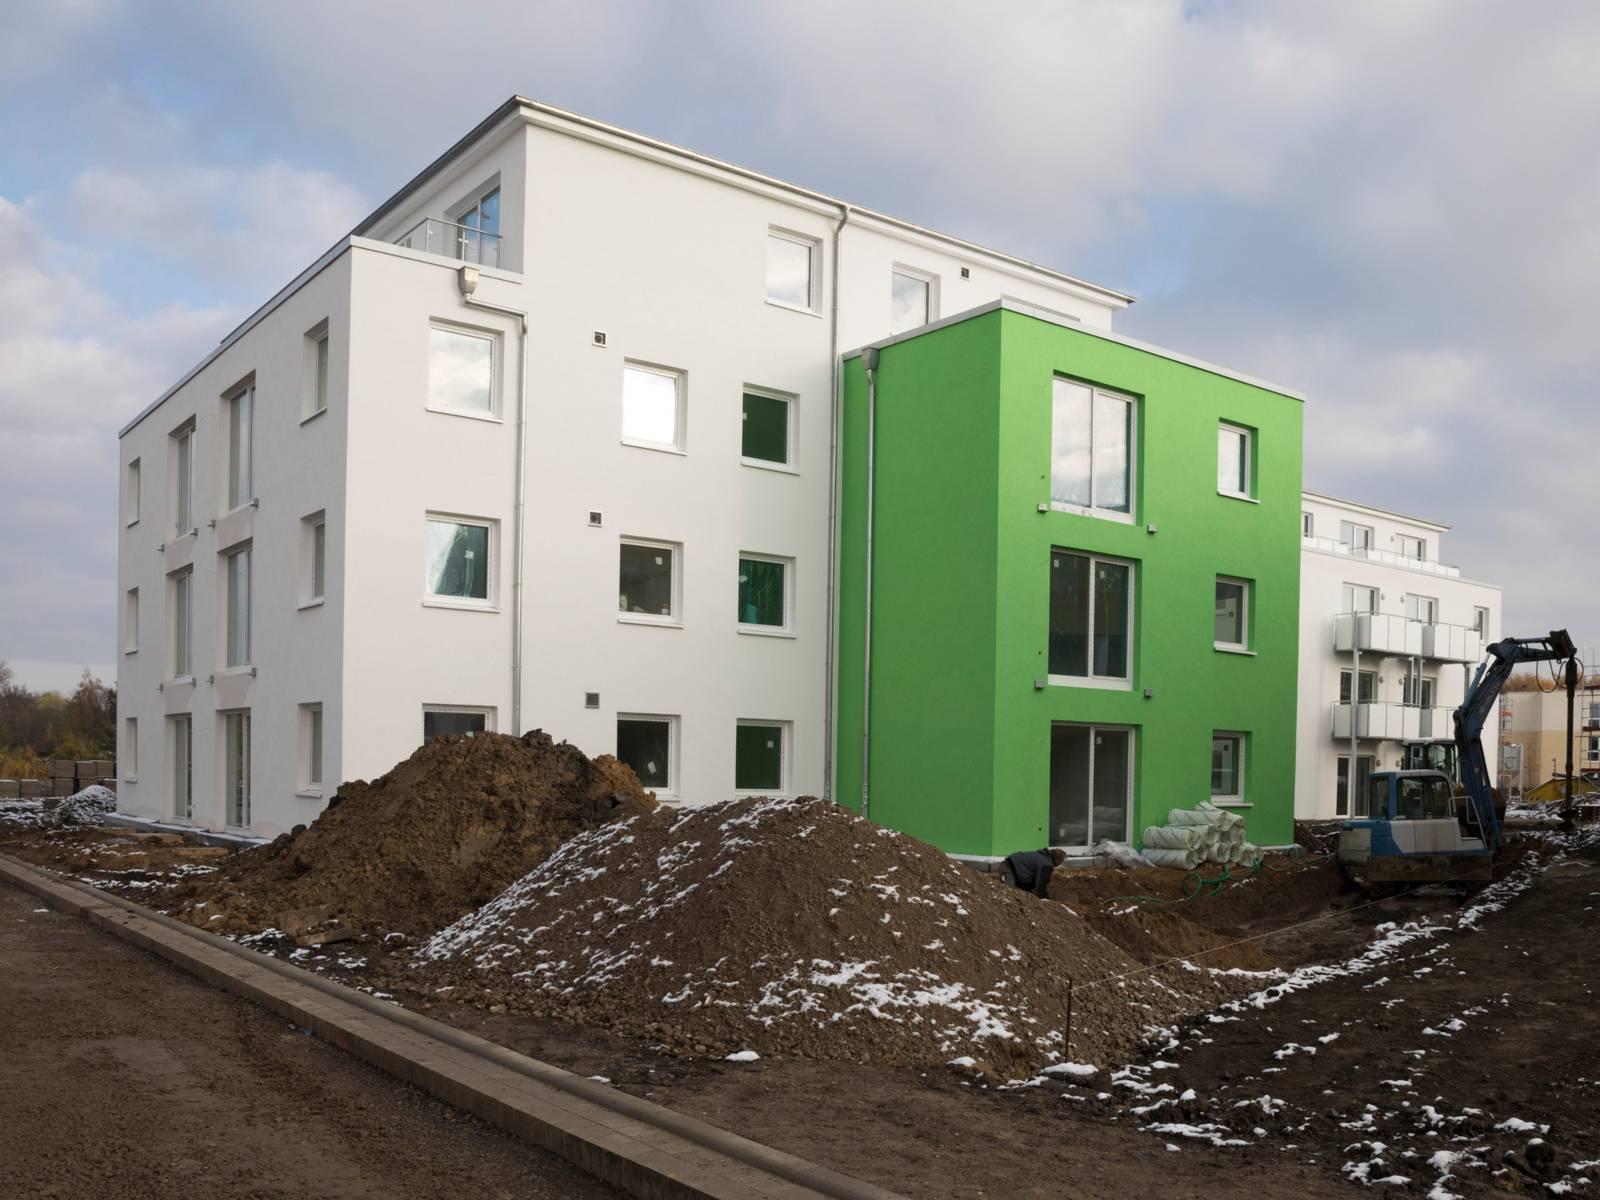 Neubau eines Mehrparteienhauses.